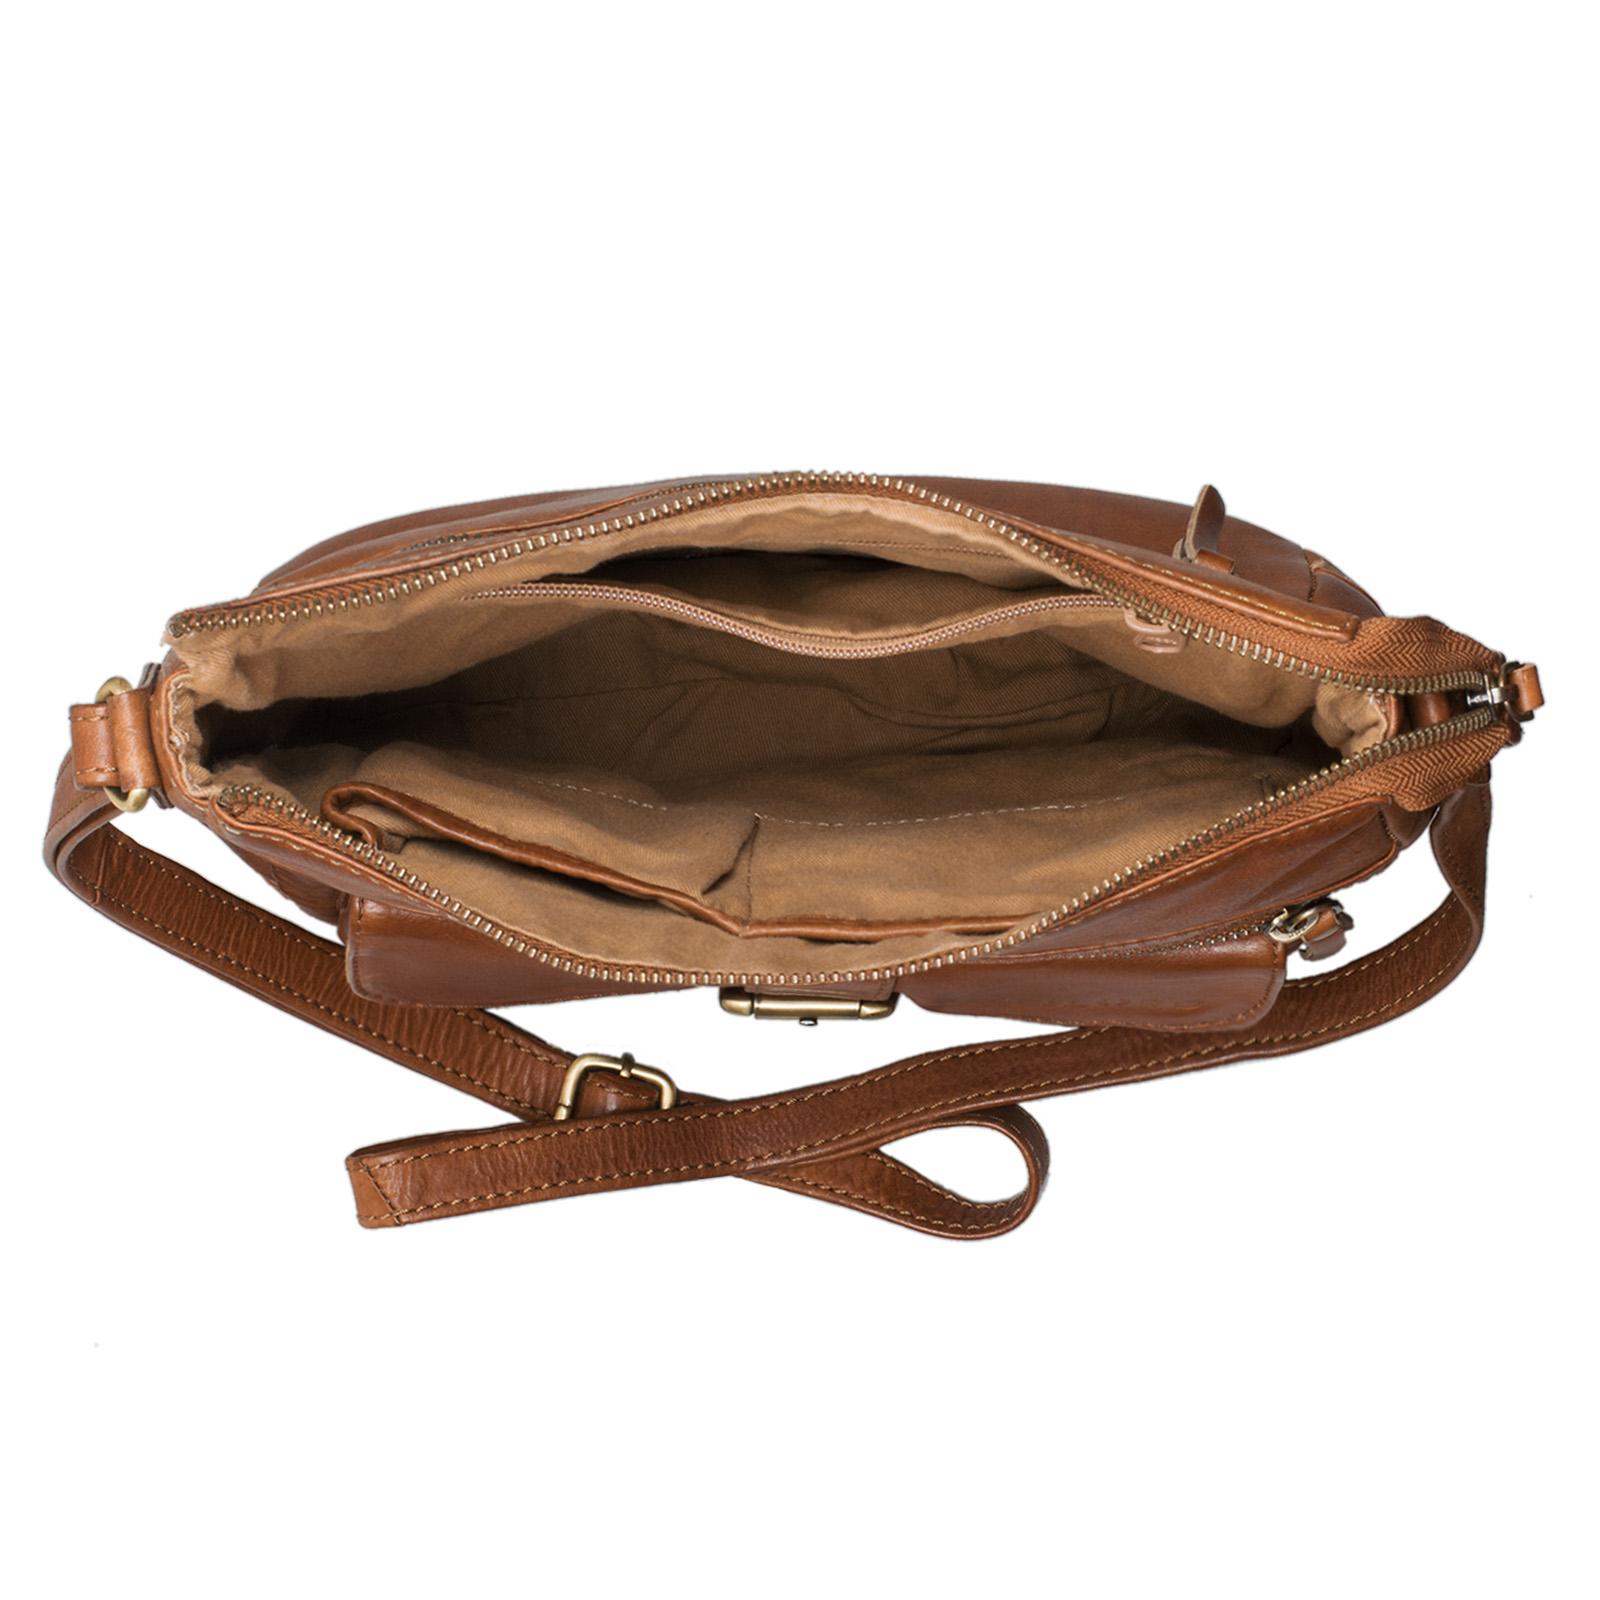 Vintage Damen Lederhandtasche braun